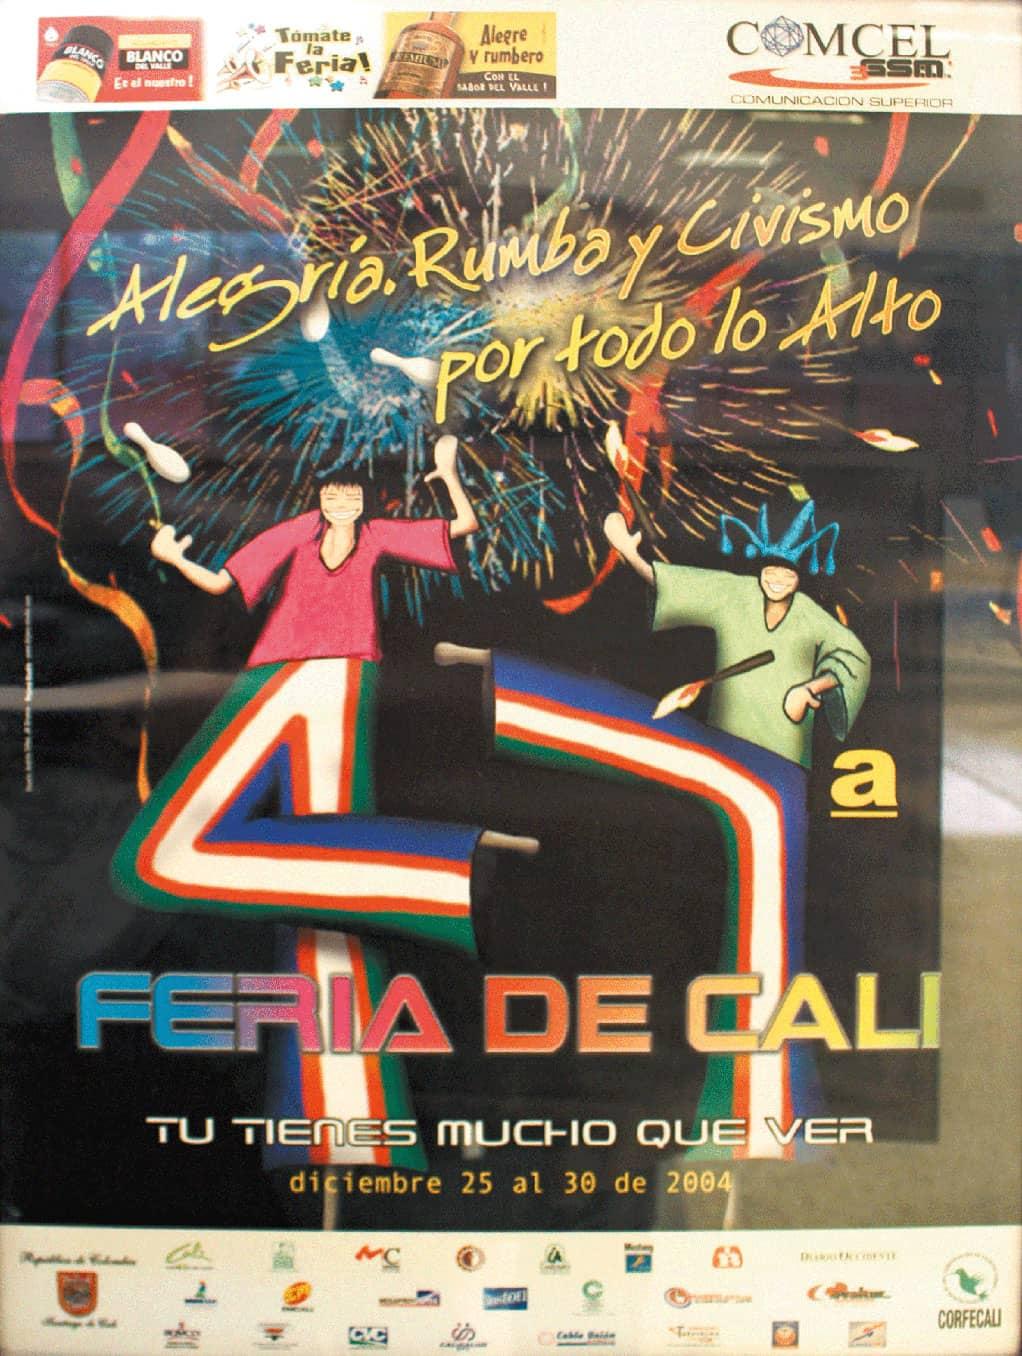 Afiche-Feria-de-Cali-47-2004